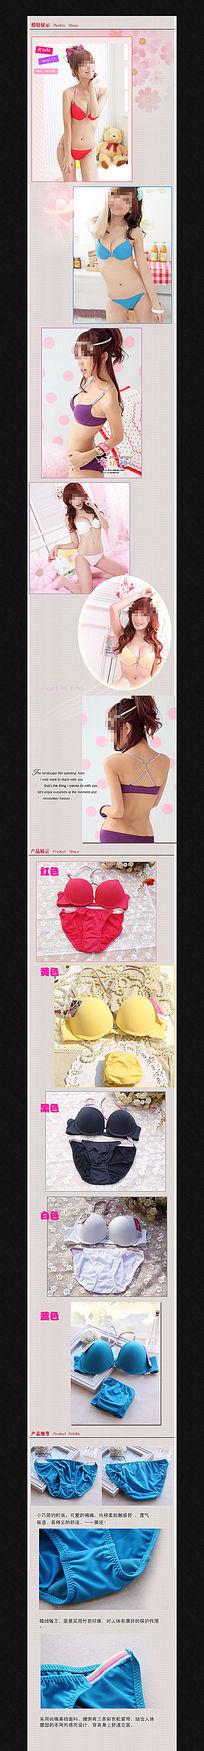 淘宝女装胸罩详情页宝贝描述模板